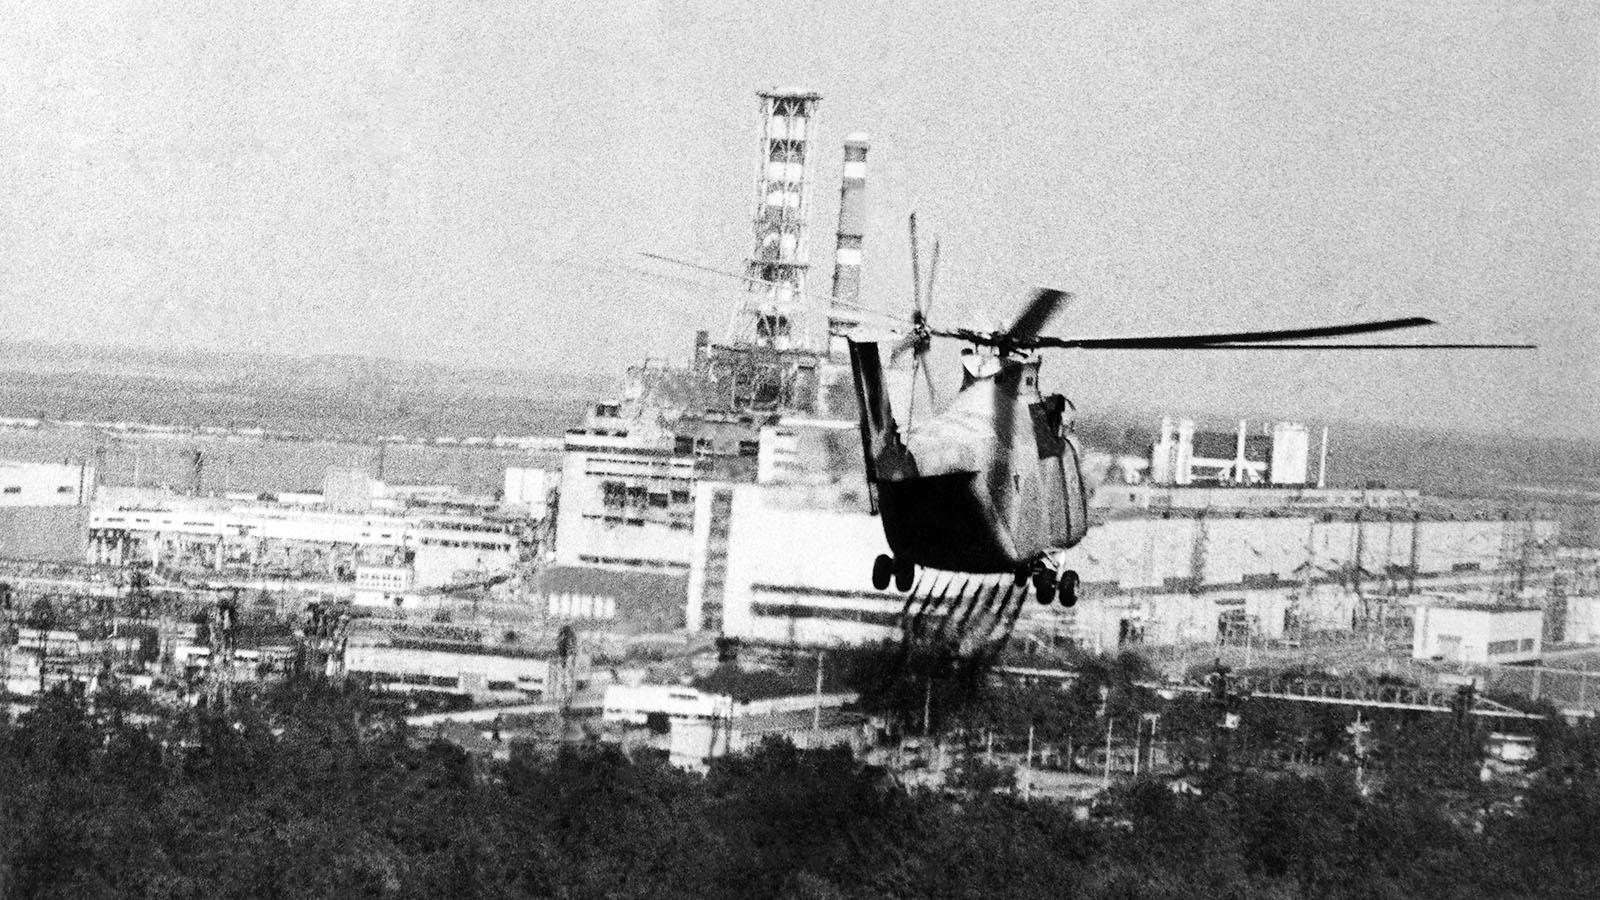 В ночь на 26 апреля 1986 года произошла авария на 4-м энергоблоке Чернобыльской АЭС. В результате взрыва ядерного реактора начался пожар. Был зафиксирован выброс радиоактивных веществ. Пострадали территории, прилегающие к АЭС, и территории соседних областей и республик. Правительство СССР с первых минут делало все возможное для ликвидации последствий аварии и ее локализации. Однако из-за неполного освещения ситуации в СМИ у граждан создалось впечатление, что от них утаивается нечто важное. В этом плане «урок Чернобыля» стал еще и уроком гласности и открытости. Сегодня ясно, что советские врачи и спасатели действовали верно: их действия получили высокую оценку западных коллег. А энергоблок был надежно законсервирован.